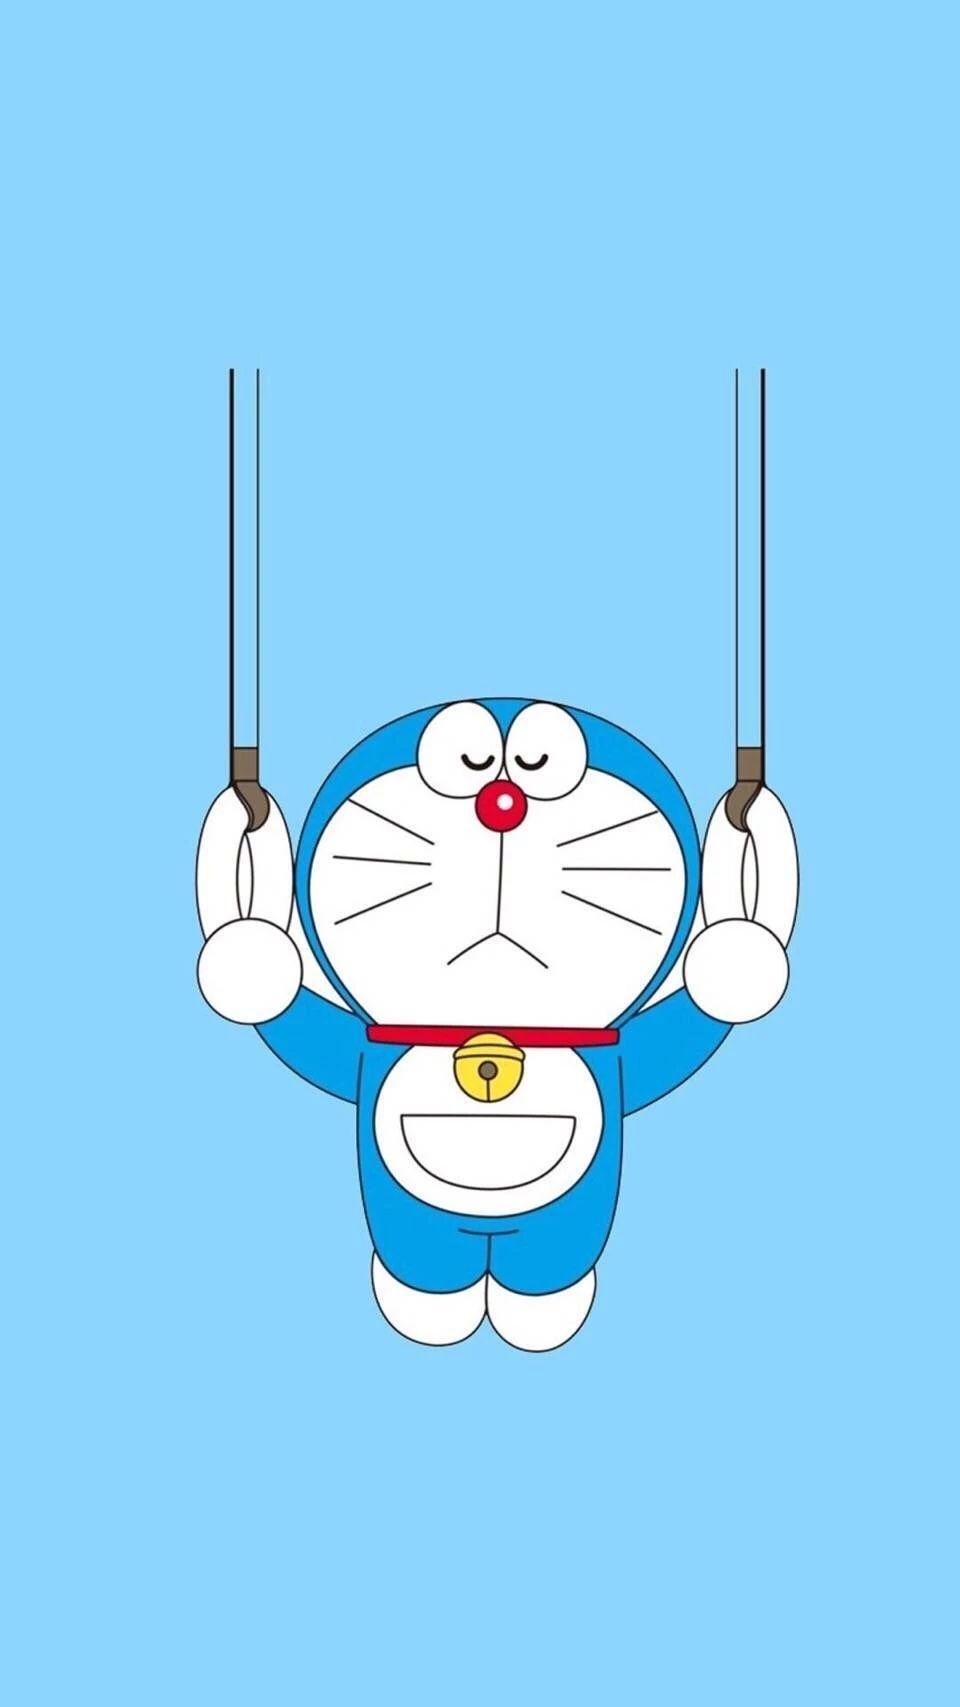 哆啦A梦壁纸:可爱哆啦A梦蓝胖子手机壁纸插图29